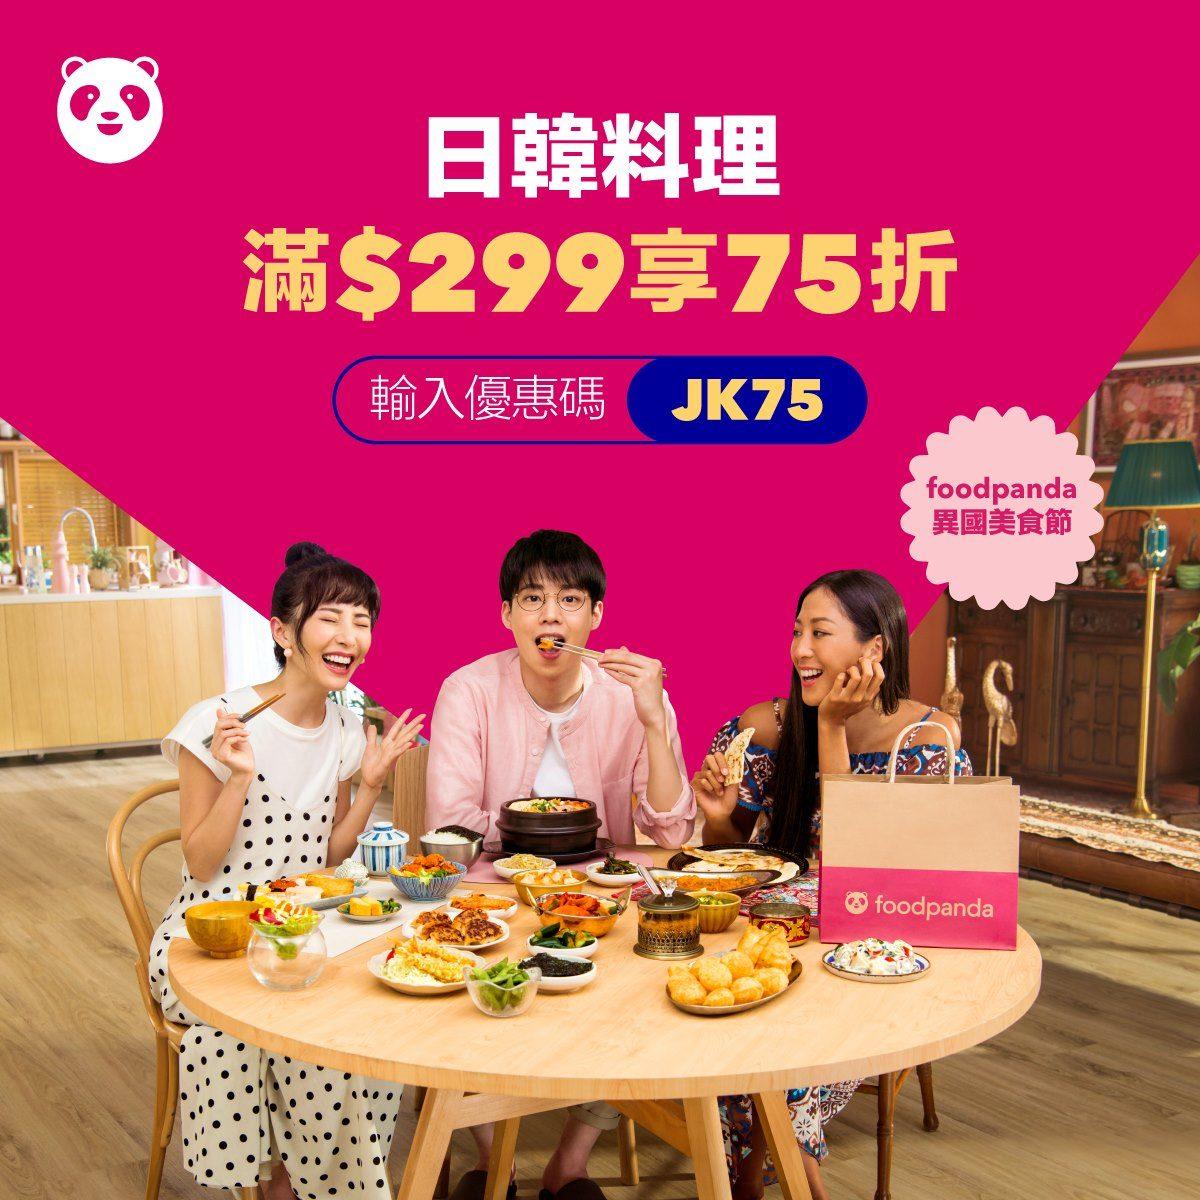 麥當勞買一送一!熊貓外送20大優惠碼,最高現折250元、可用5次折扣